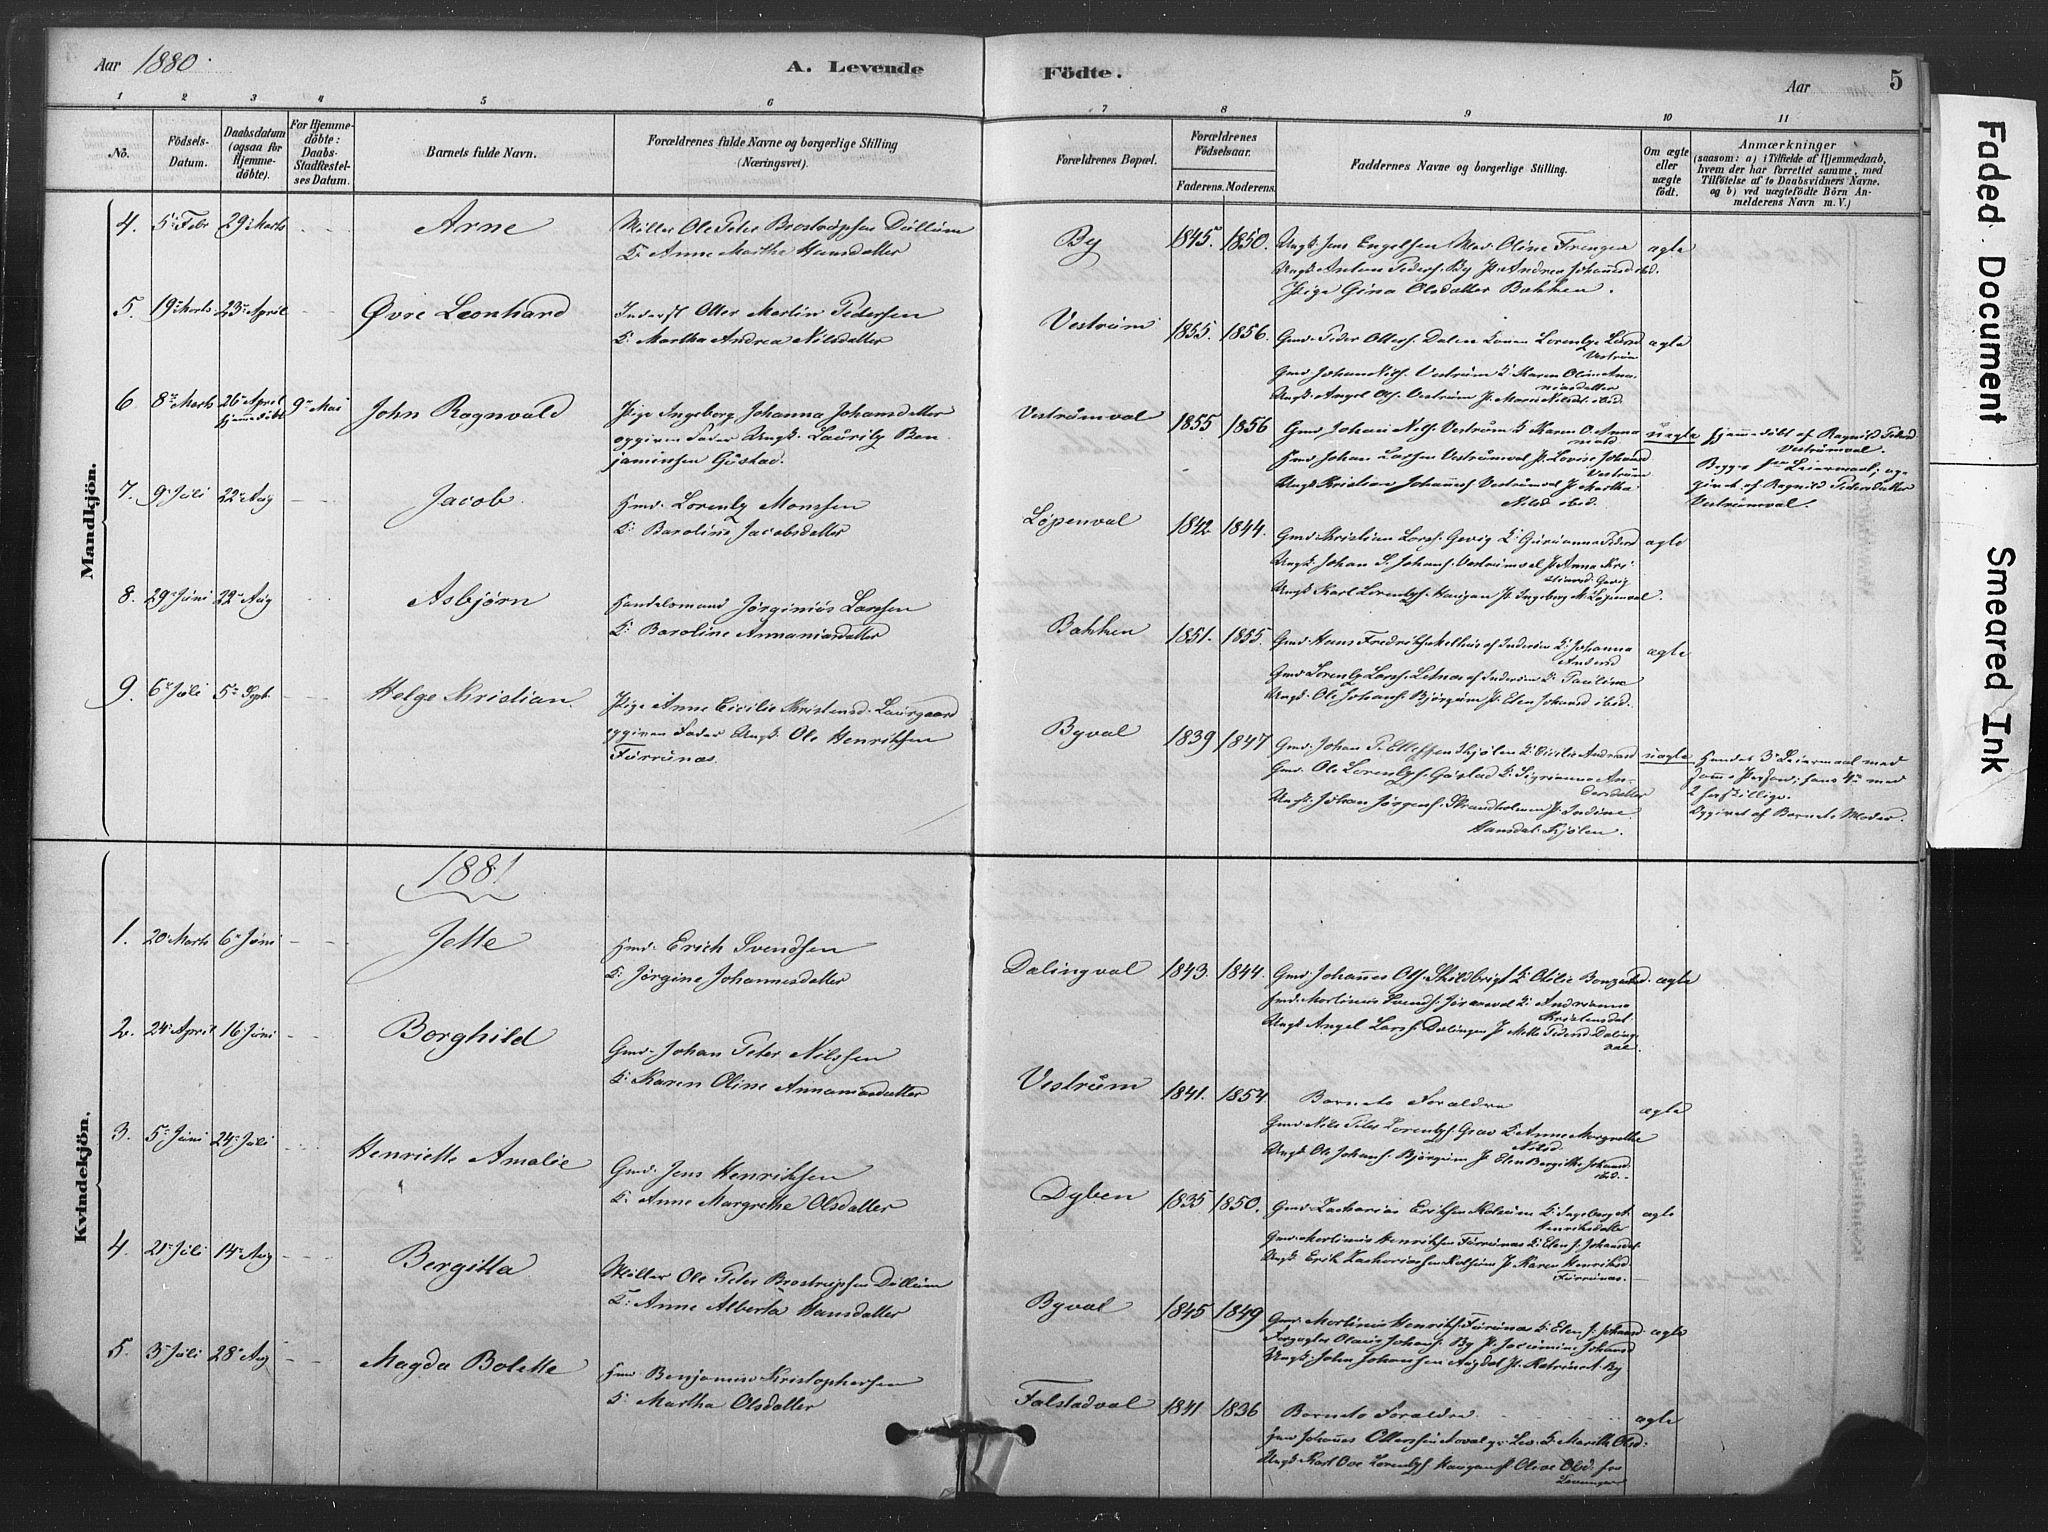 SAT, Ministerialprotokoller, klokkerbøker og fødselsregistre - Nord-Trøndelag, 719/L0178: Ministerialbok nr. 719A01, 1878-1900, s. 5